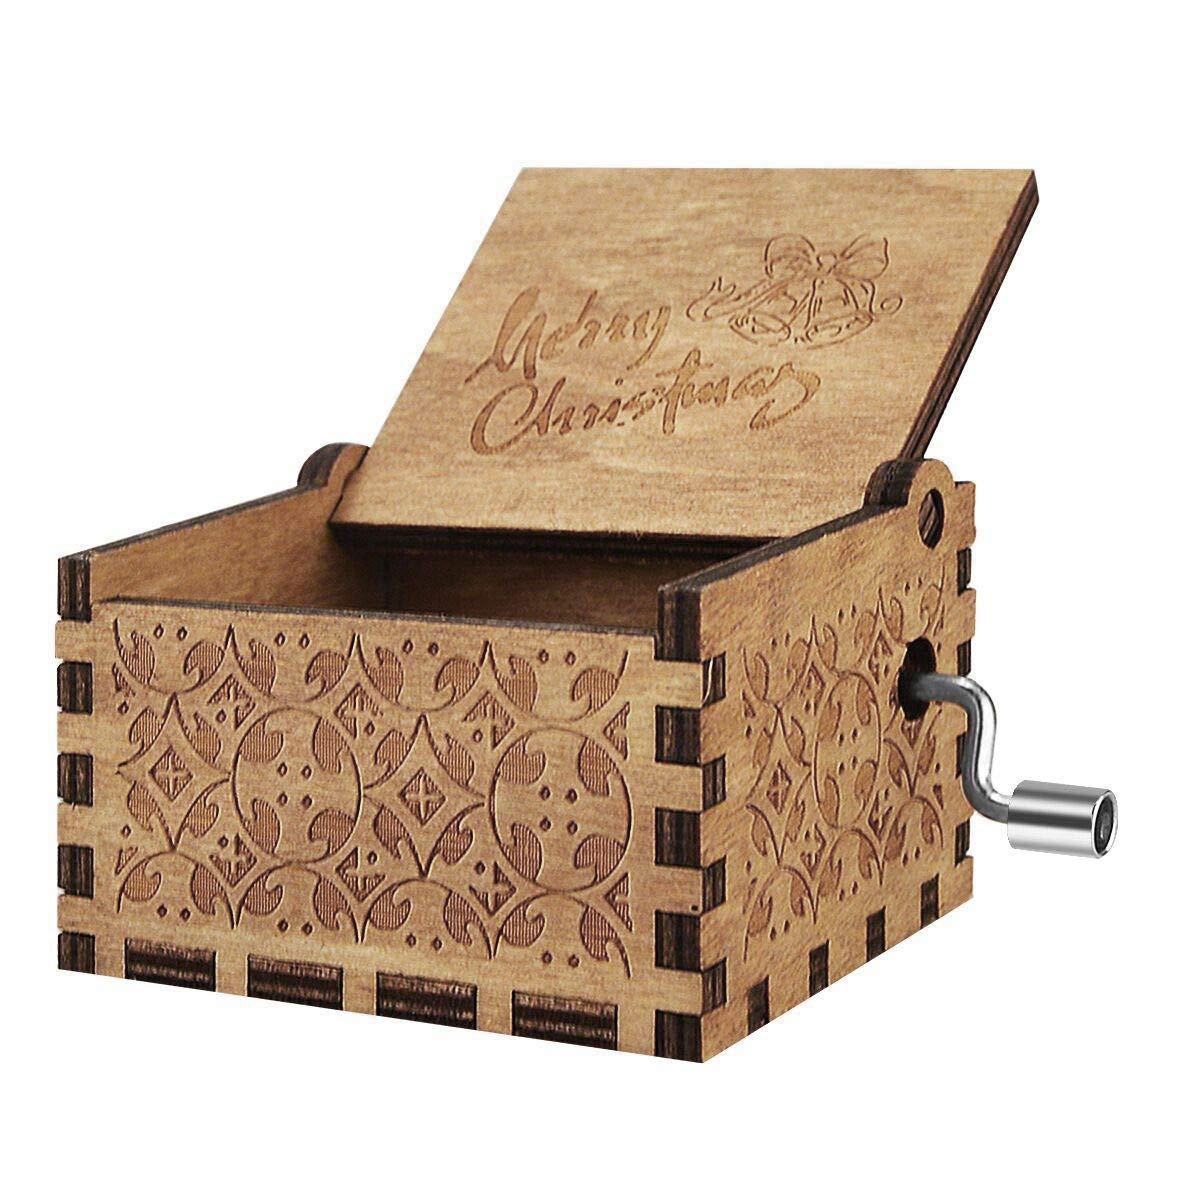 BOENFU Caja de música de manivela de Madera Antiguo Tallado clásico Decorativo Caja de Regalo para niños Amigos Familia Juguete Musical decoración del hogar ...